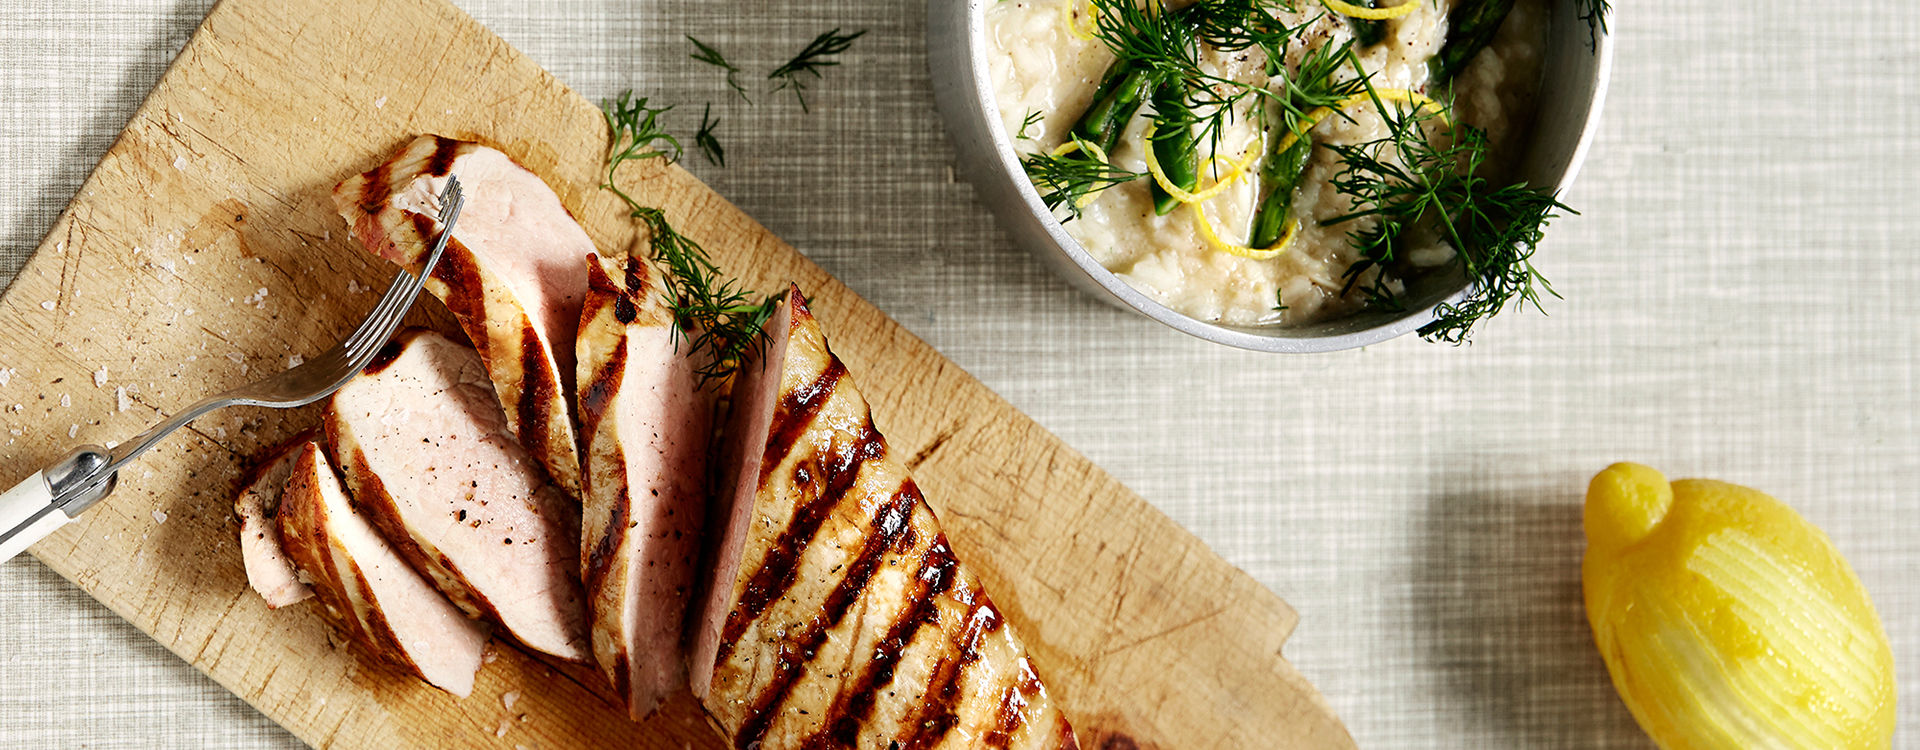 Grillet svinefilet og risotto med grønn asparges og dill.